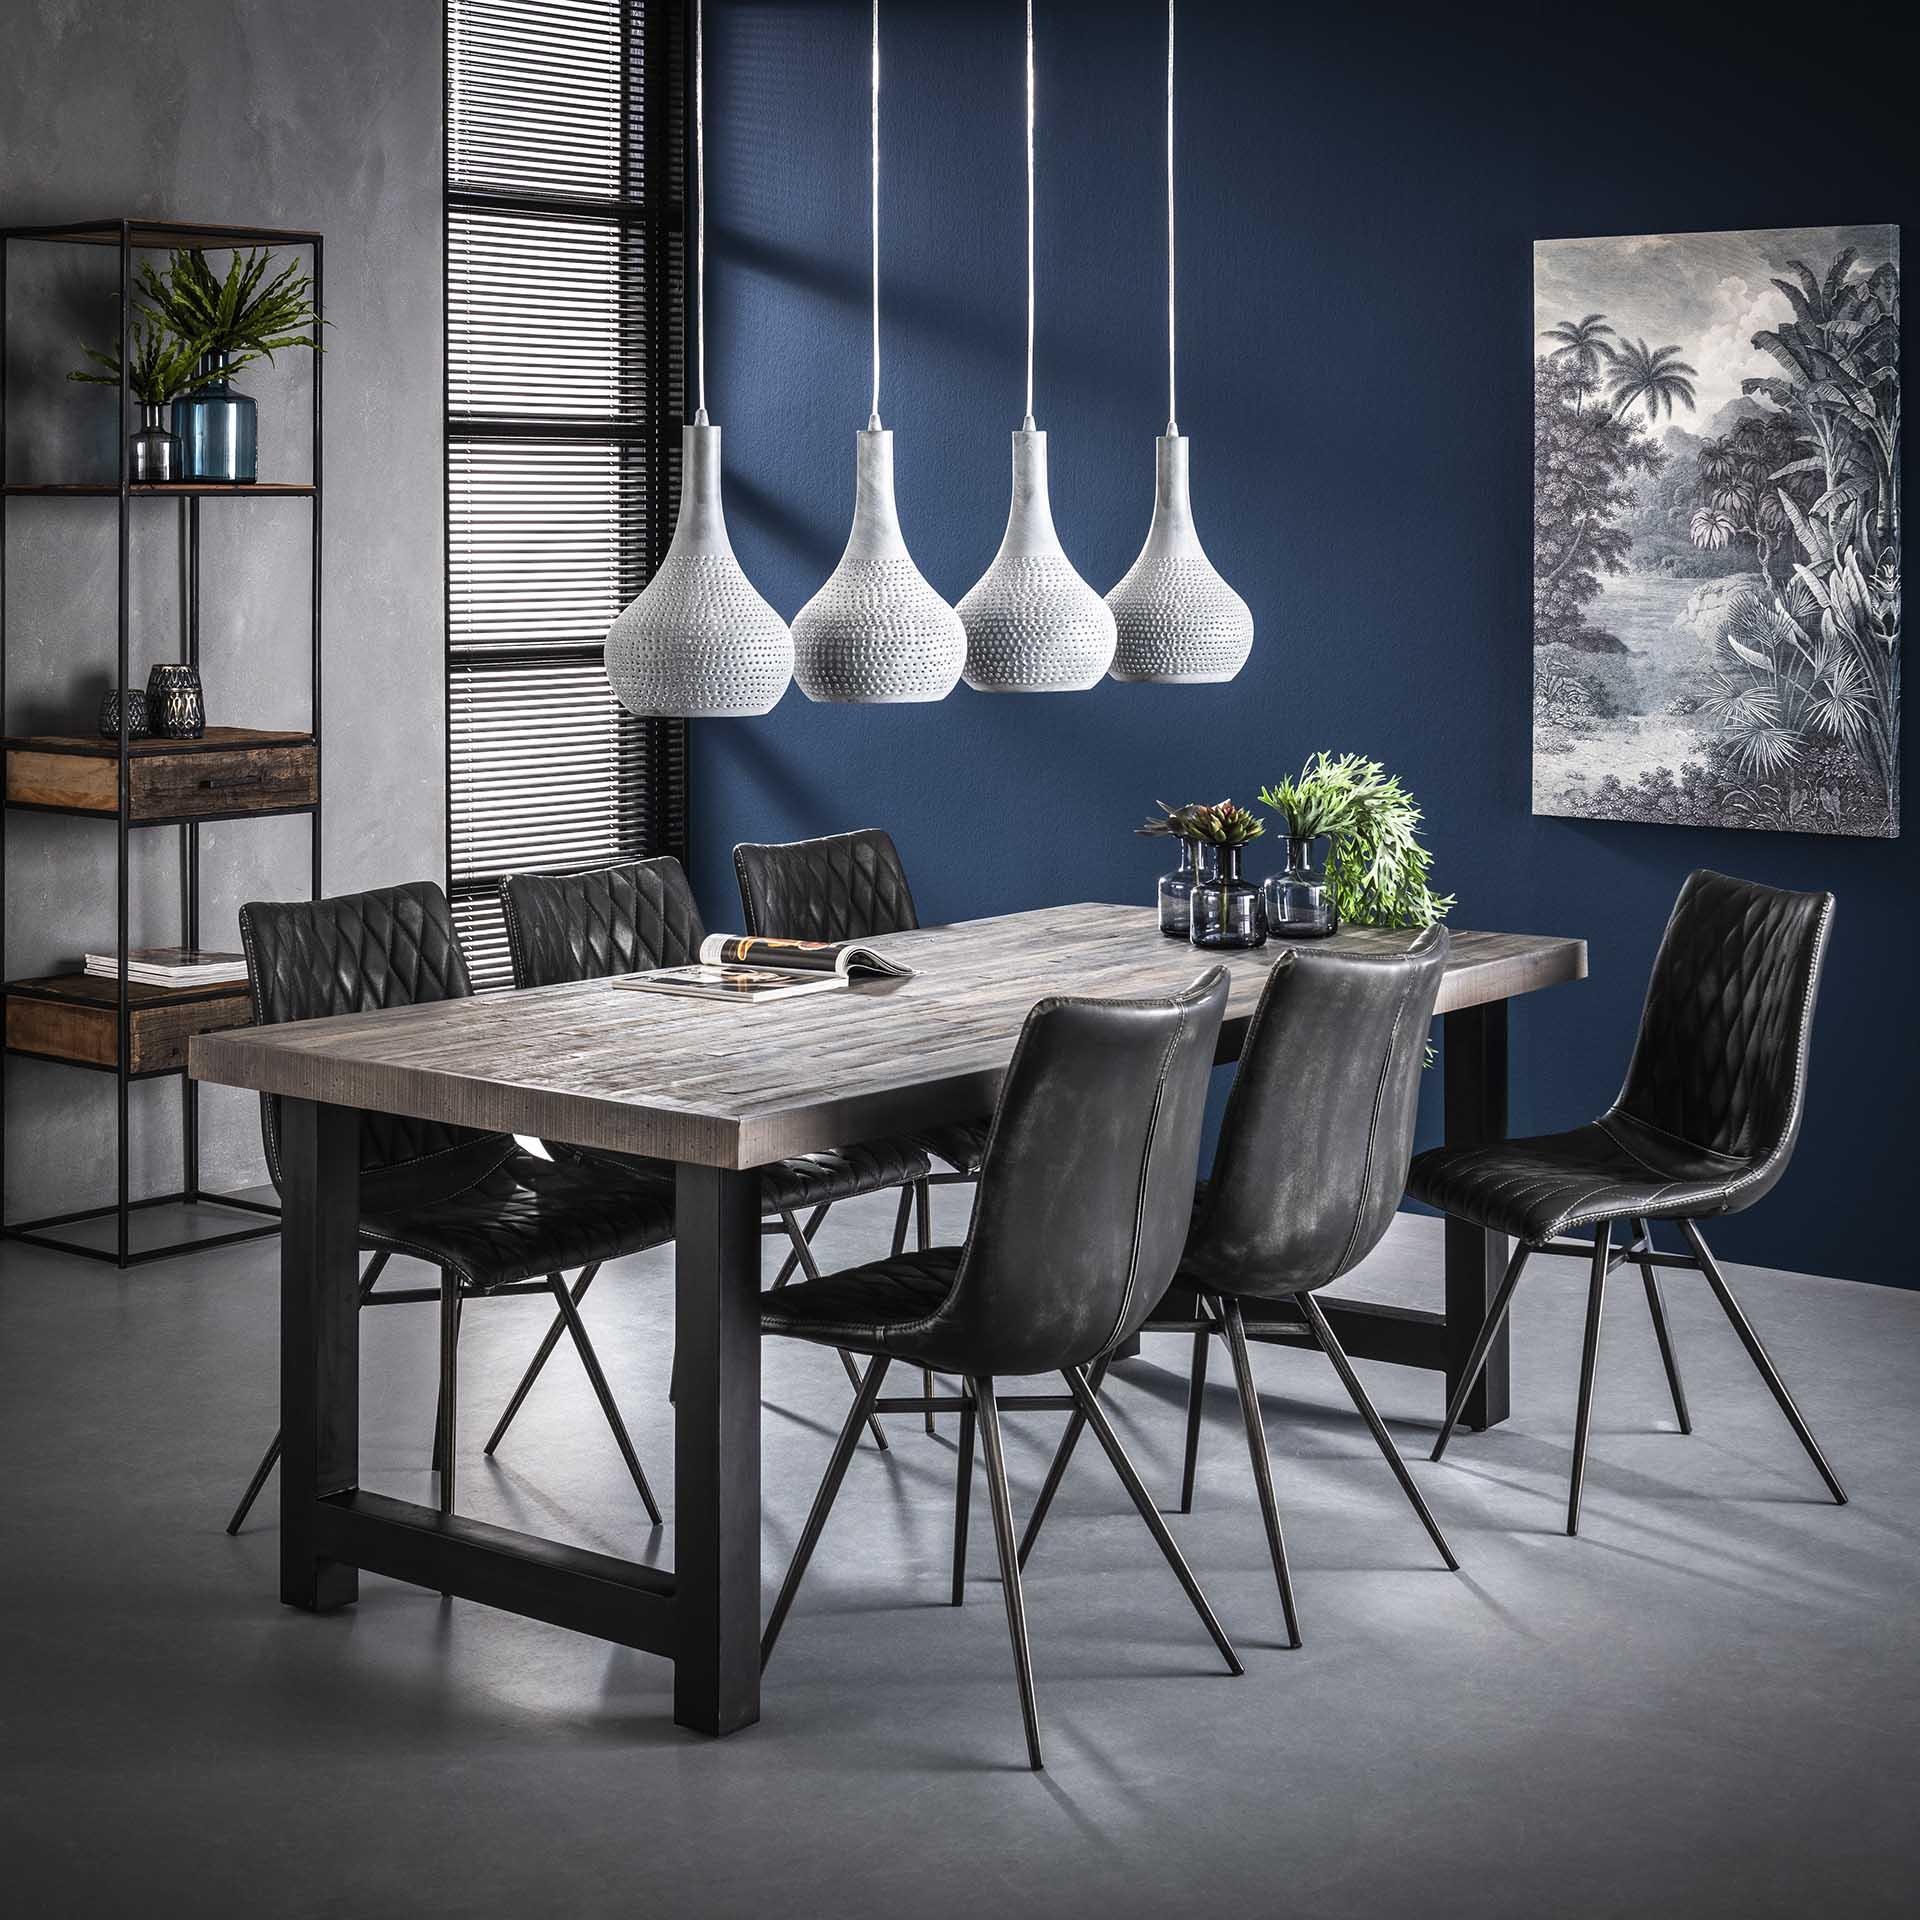 Esstisch - Akazienholz mit grauer Waschung - 35mm Tischplattenstärke - 165cm